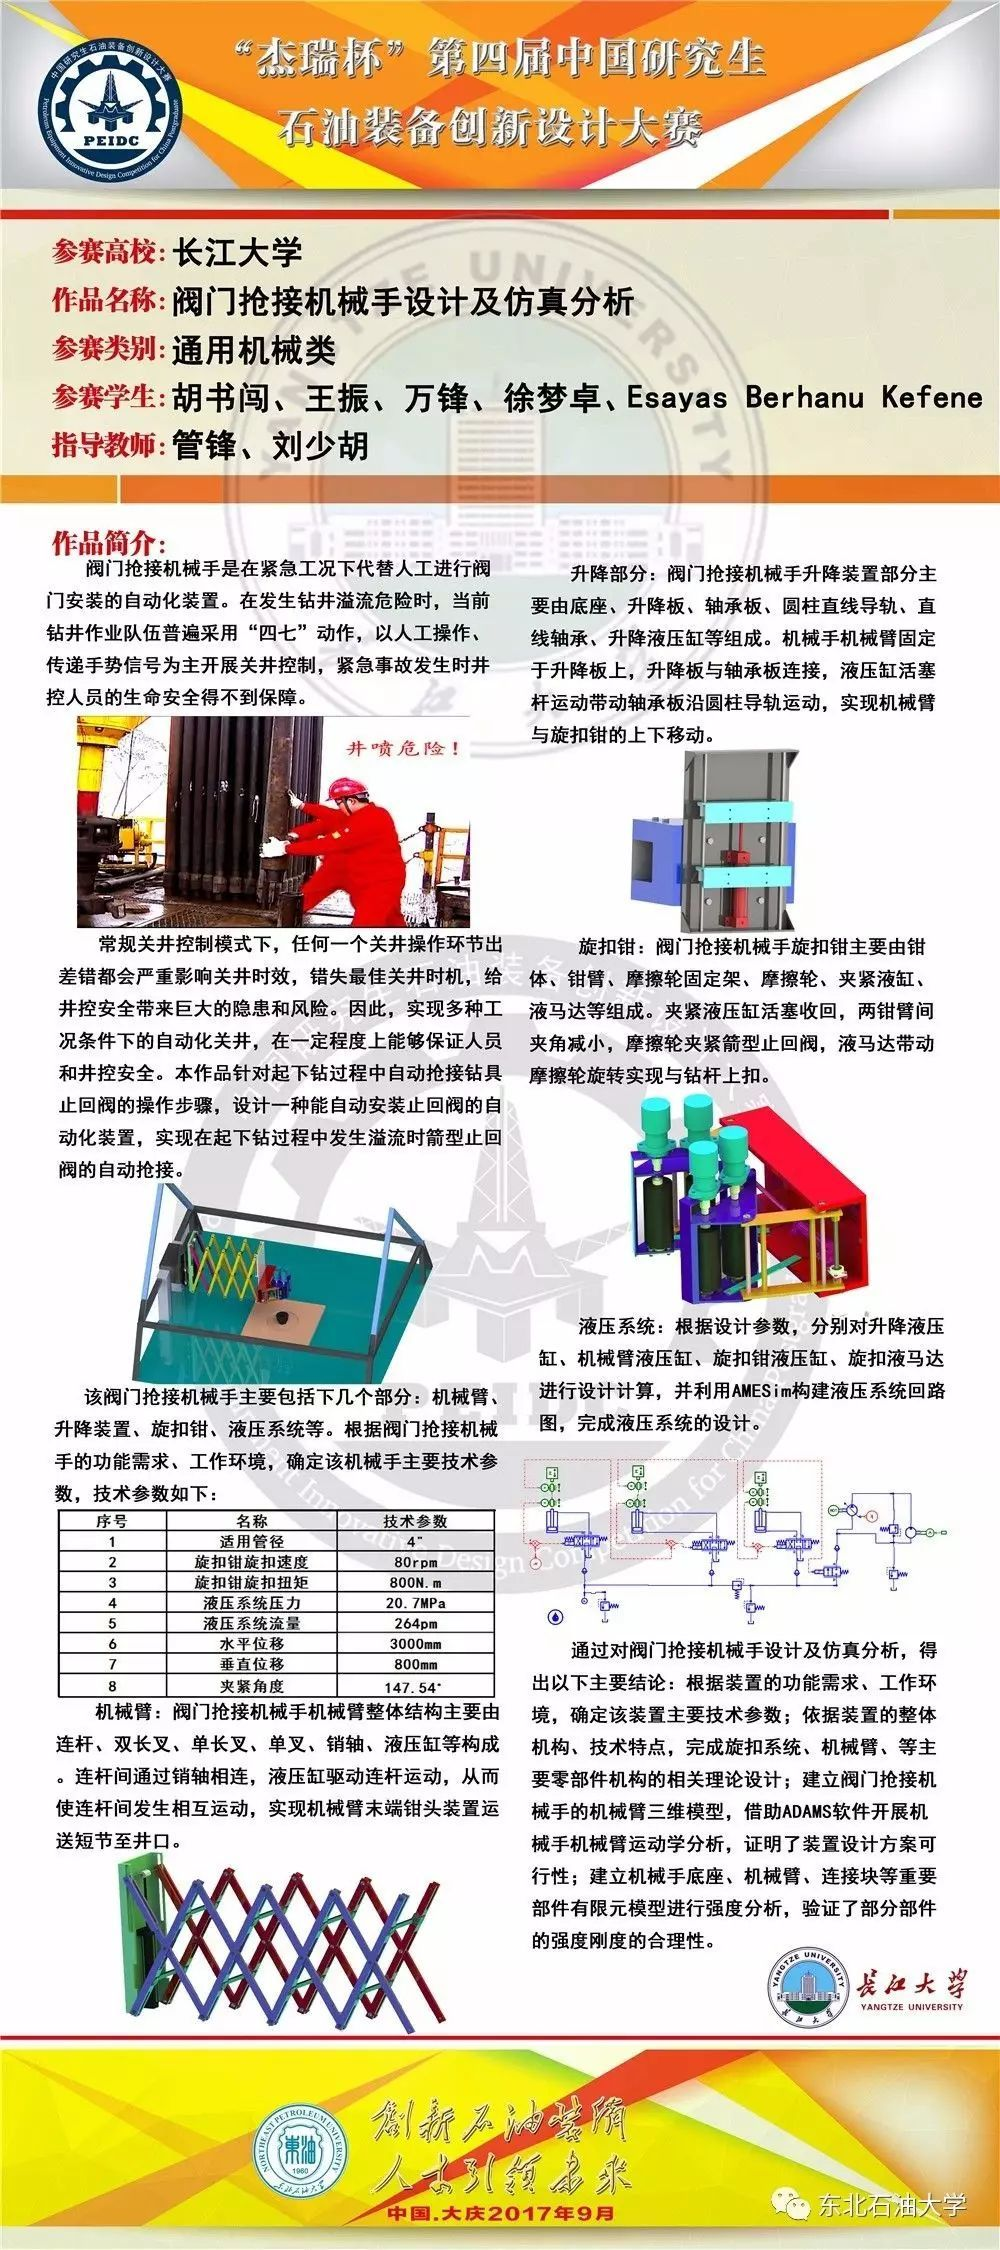 (注:排名不分先后,按照首字母顺序排列) 长江大学-阀门抢接机械手设计图片